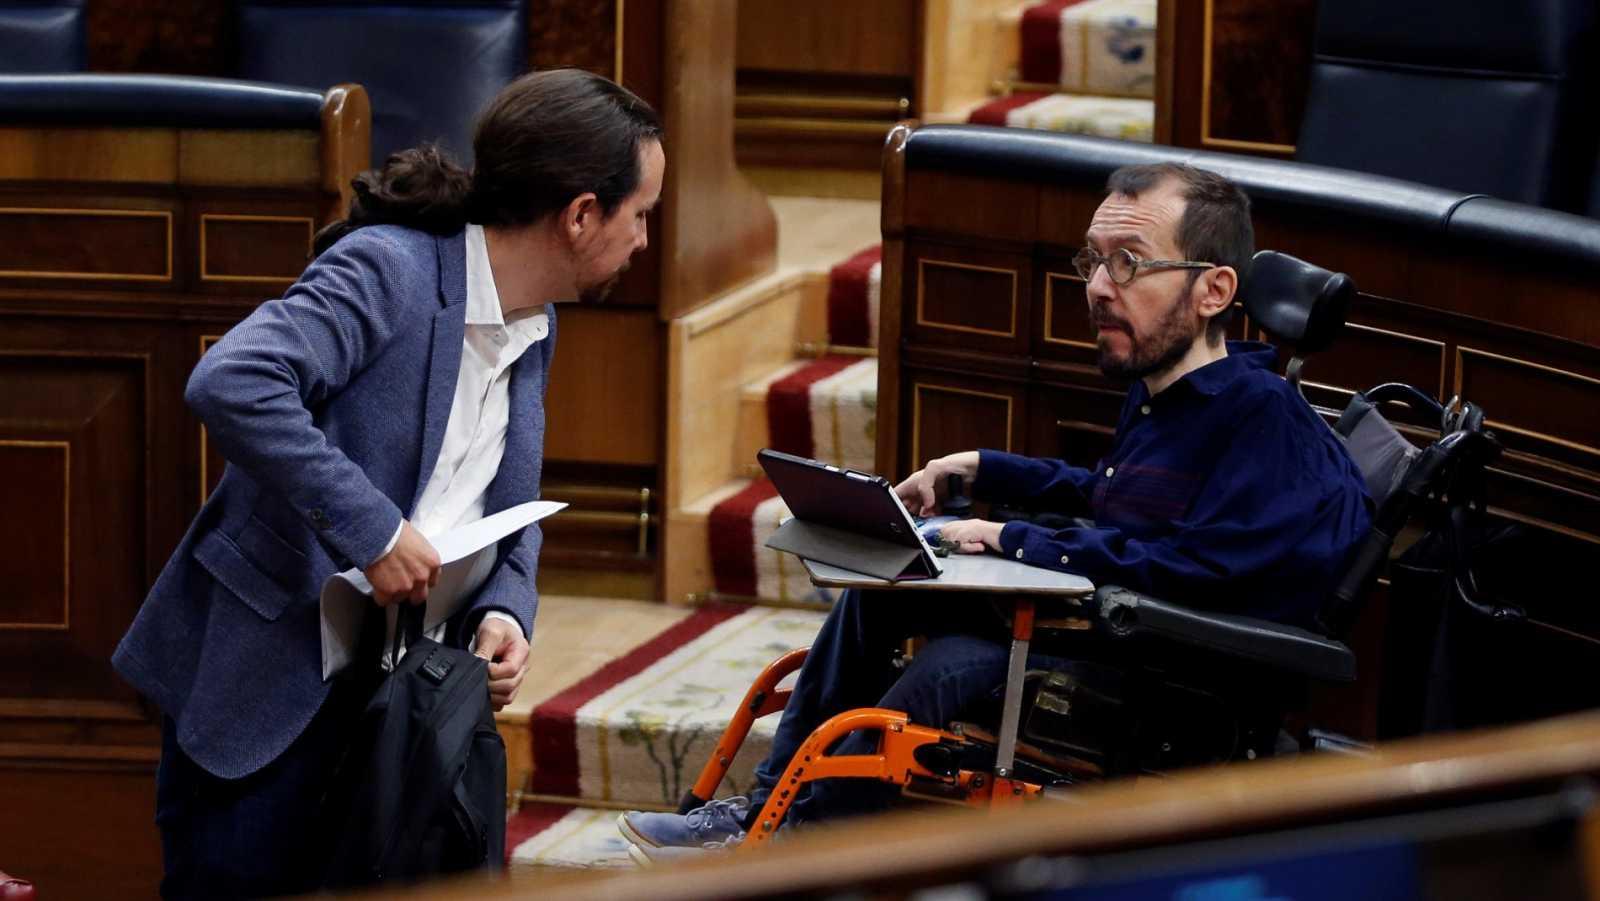 El vicepresidente segundo del Gobierno, Pablo Iglesias, conversa con el diputado de Unidas Podemos Pablo Echenique